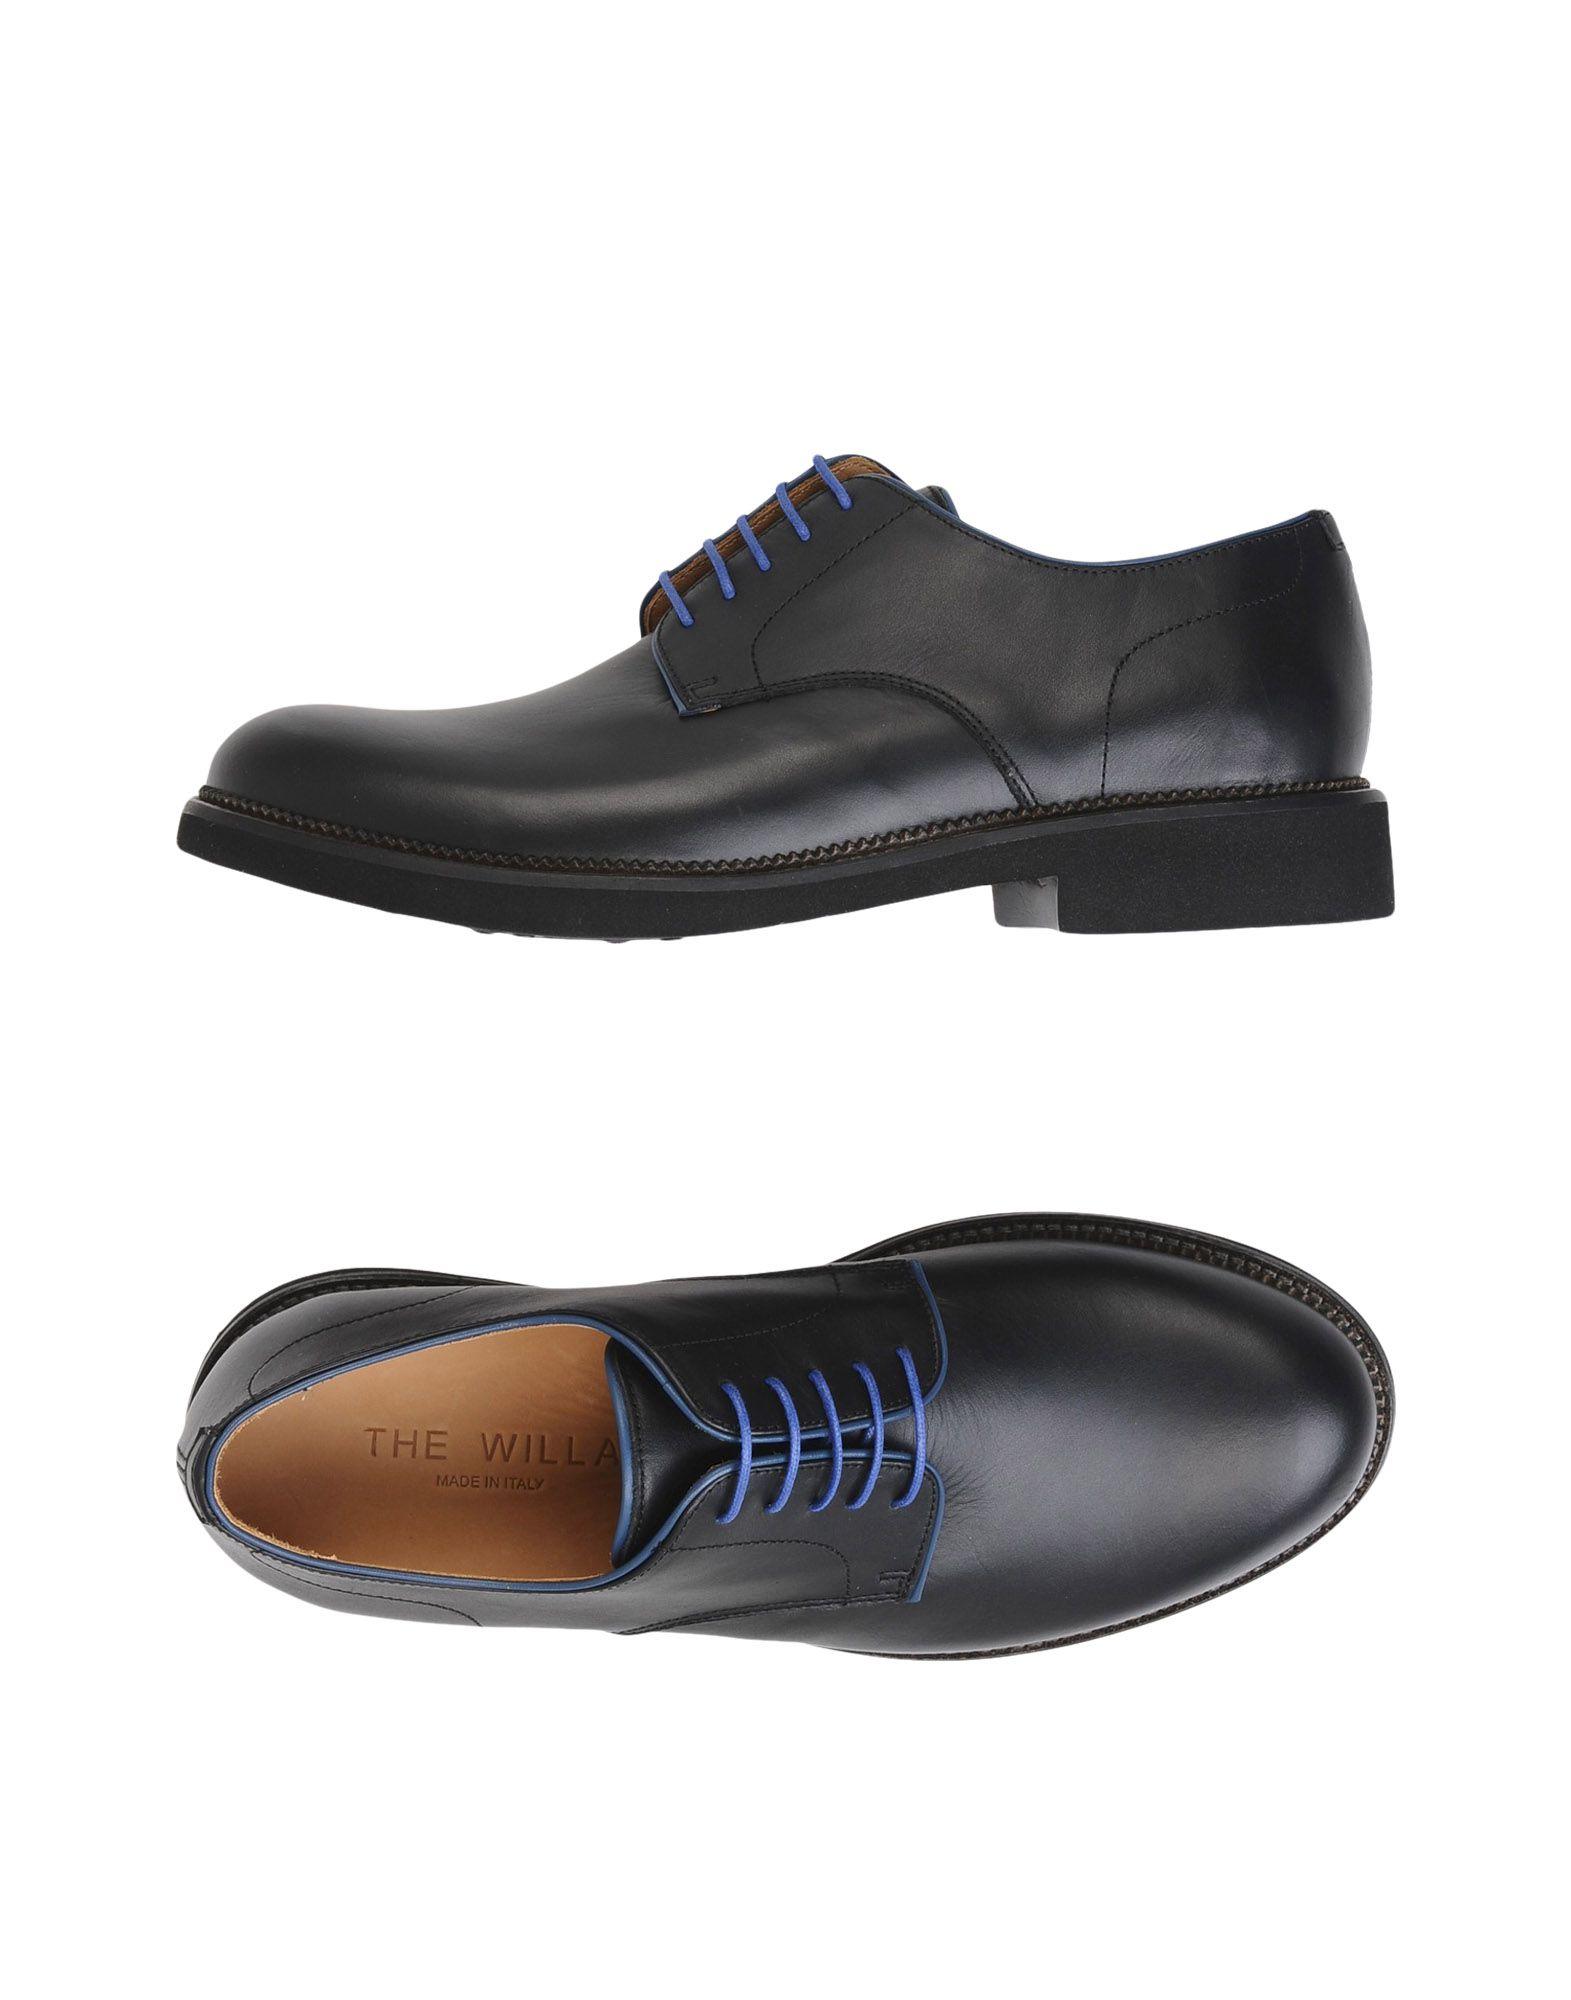 Venta temporada de liquidación de temporada Venta  Zapato De Cordones The Willa Hombre - Zapatos De Cordones The Willa 714426